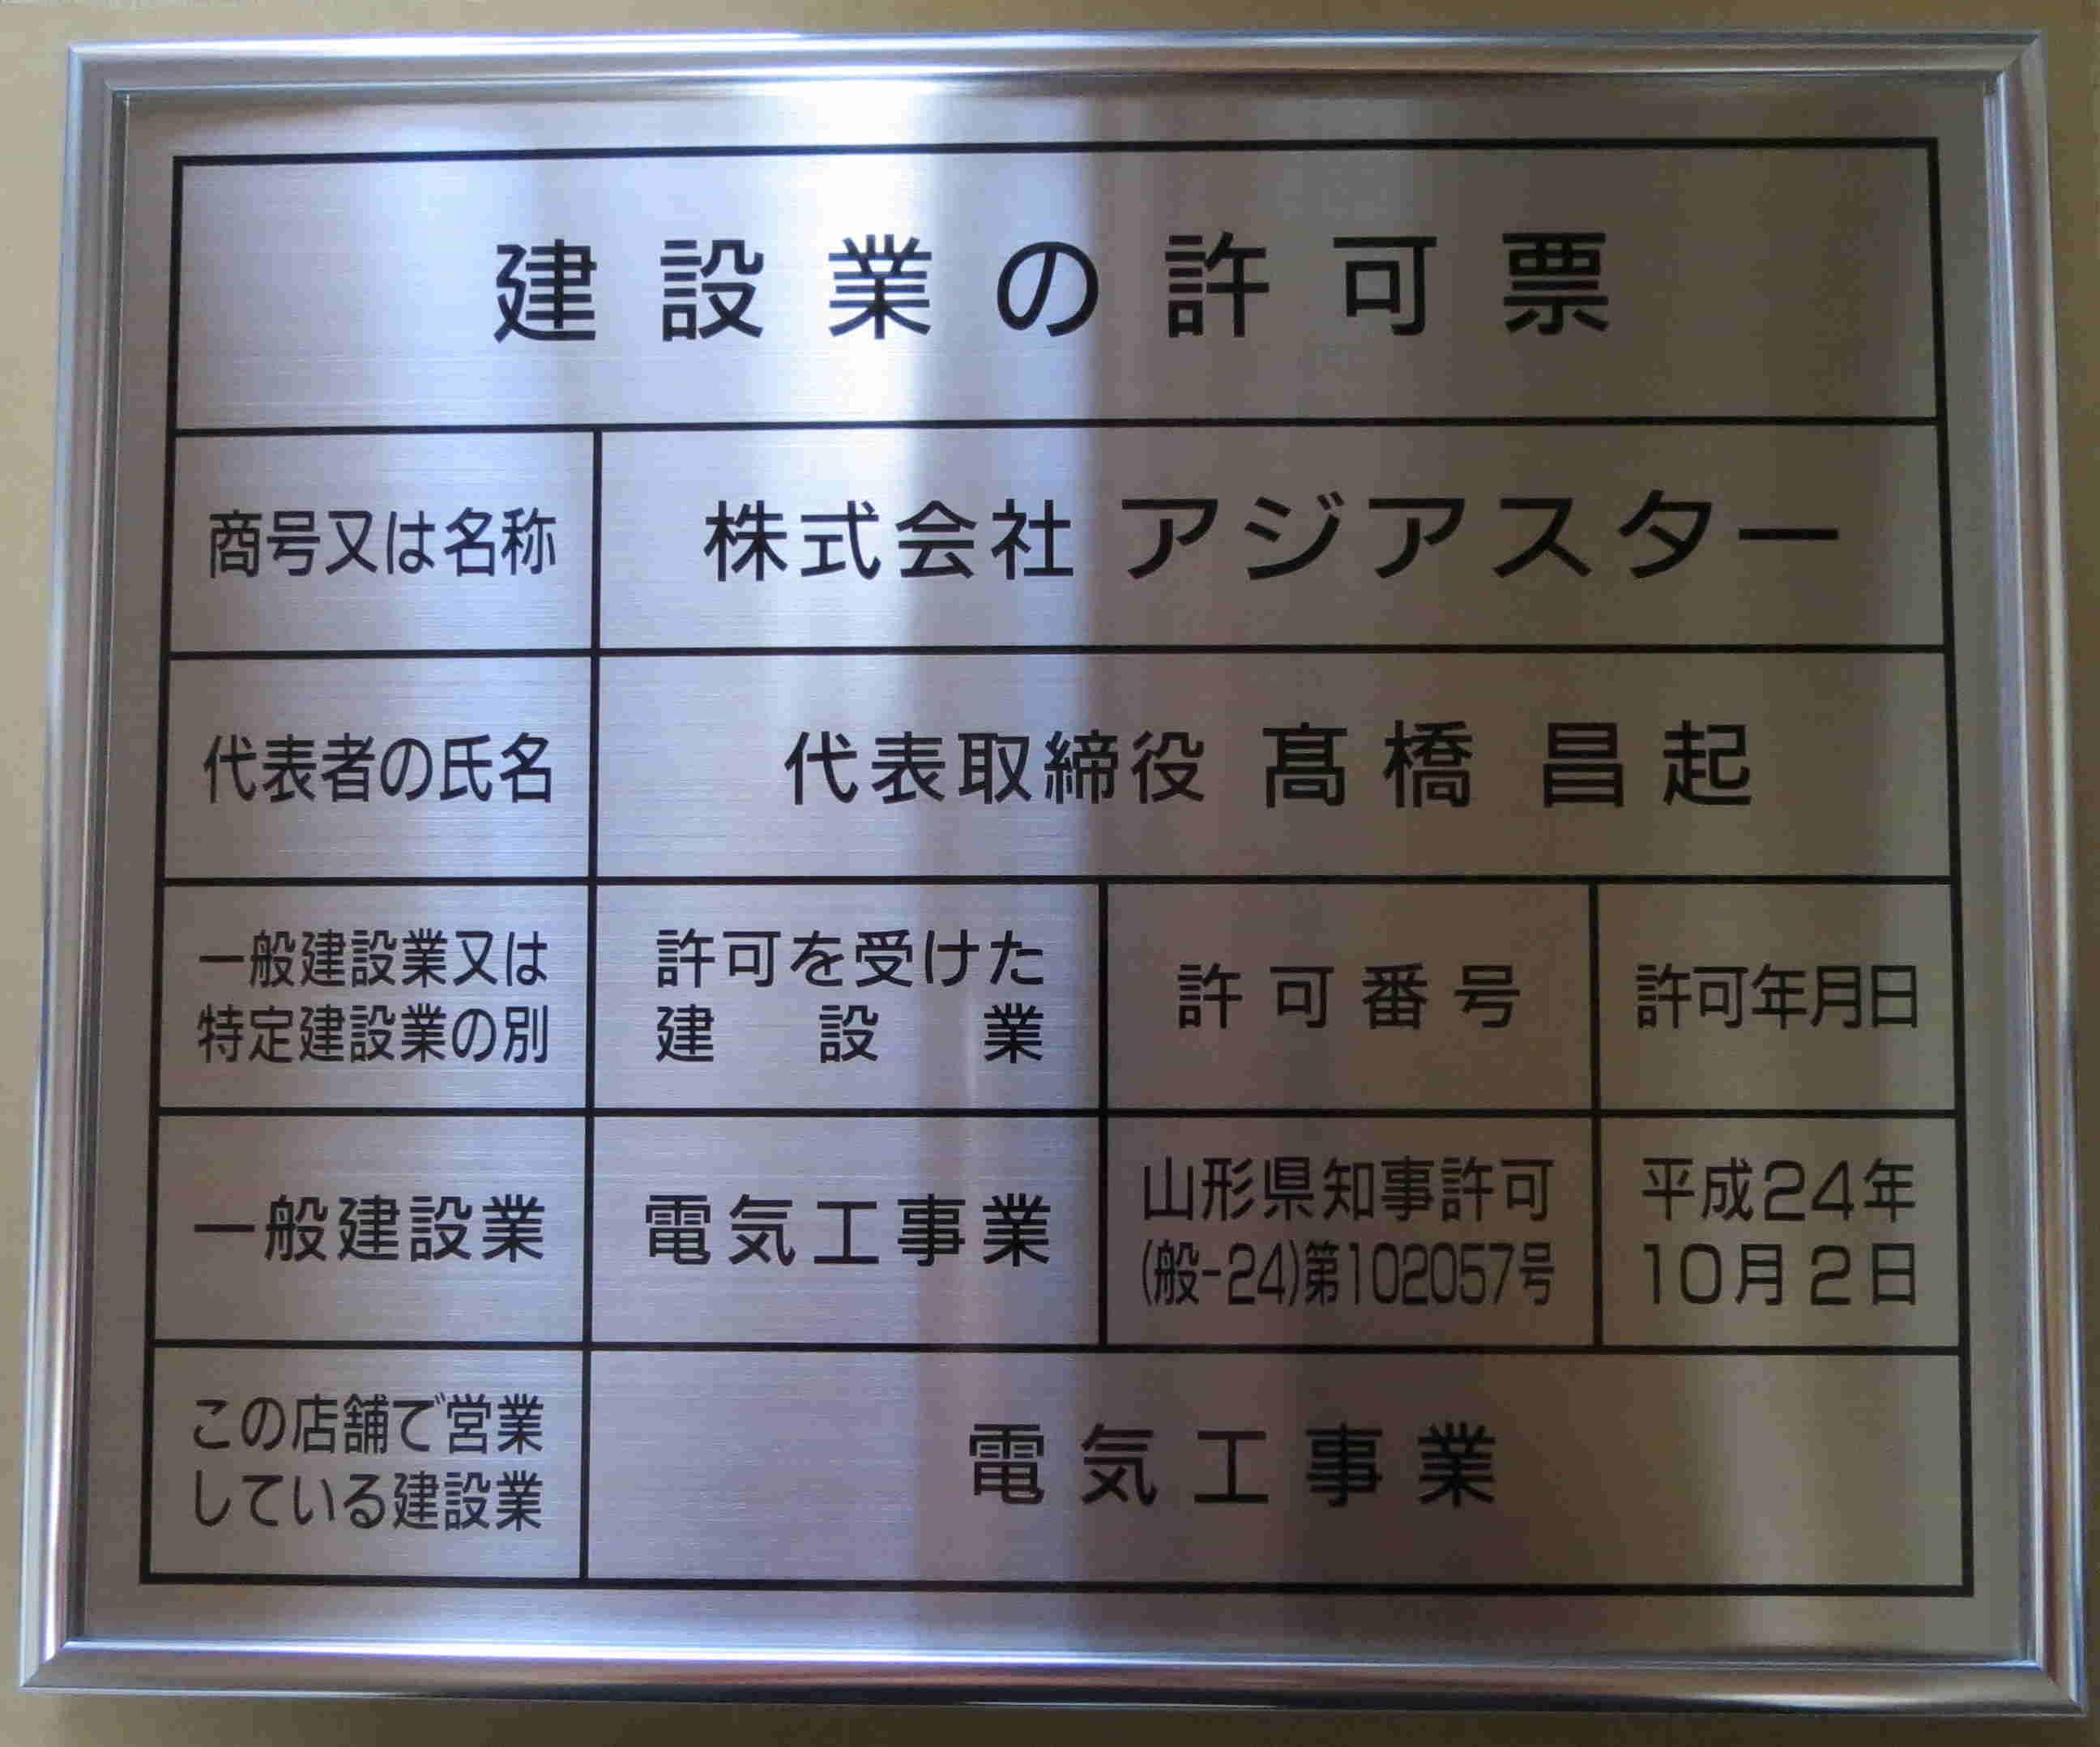 申請書様式ダウンロード - do-kjk.or.jp